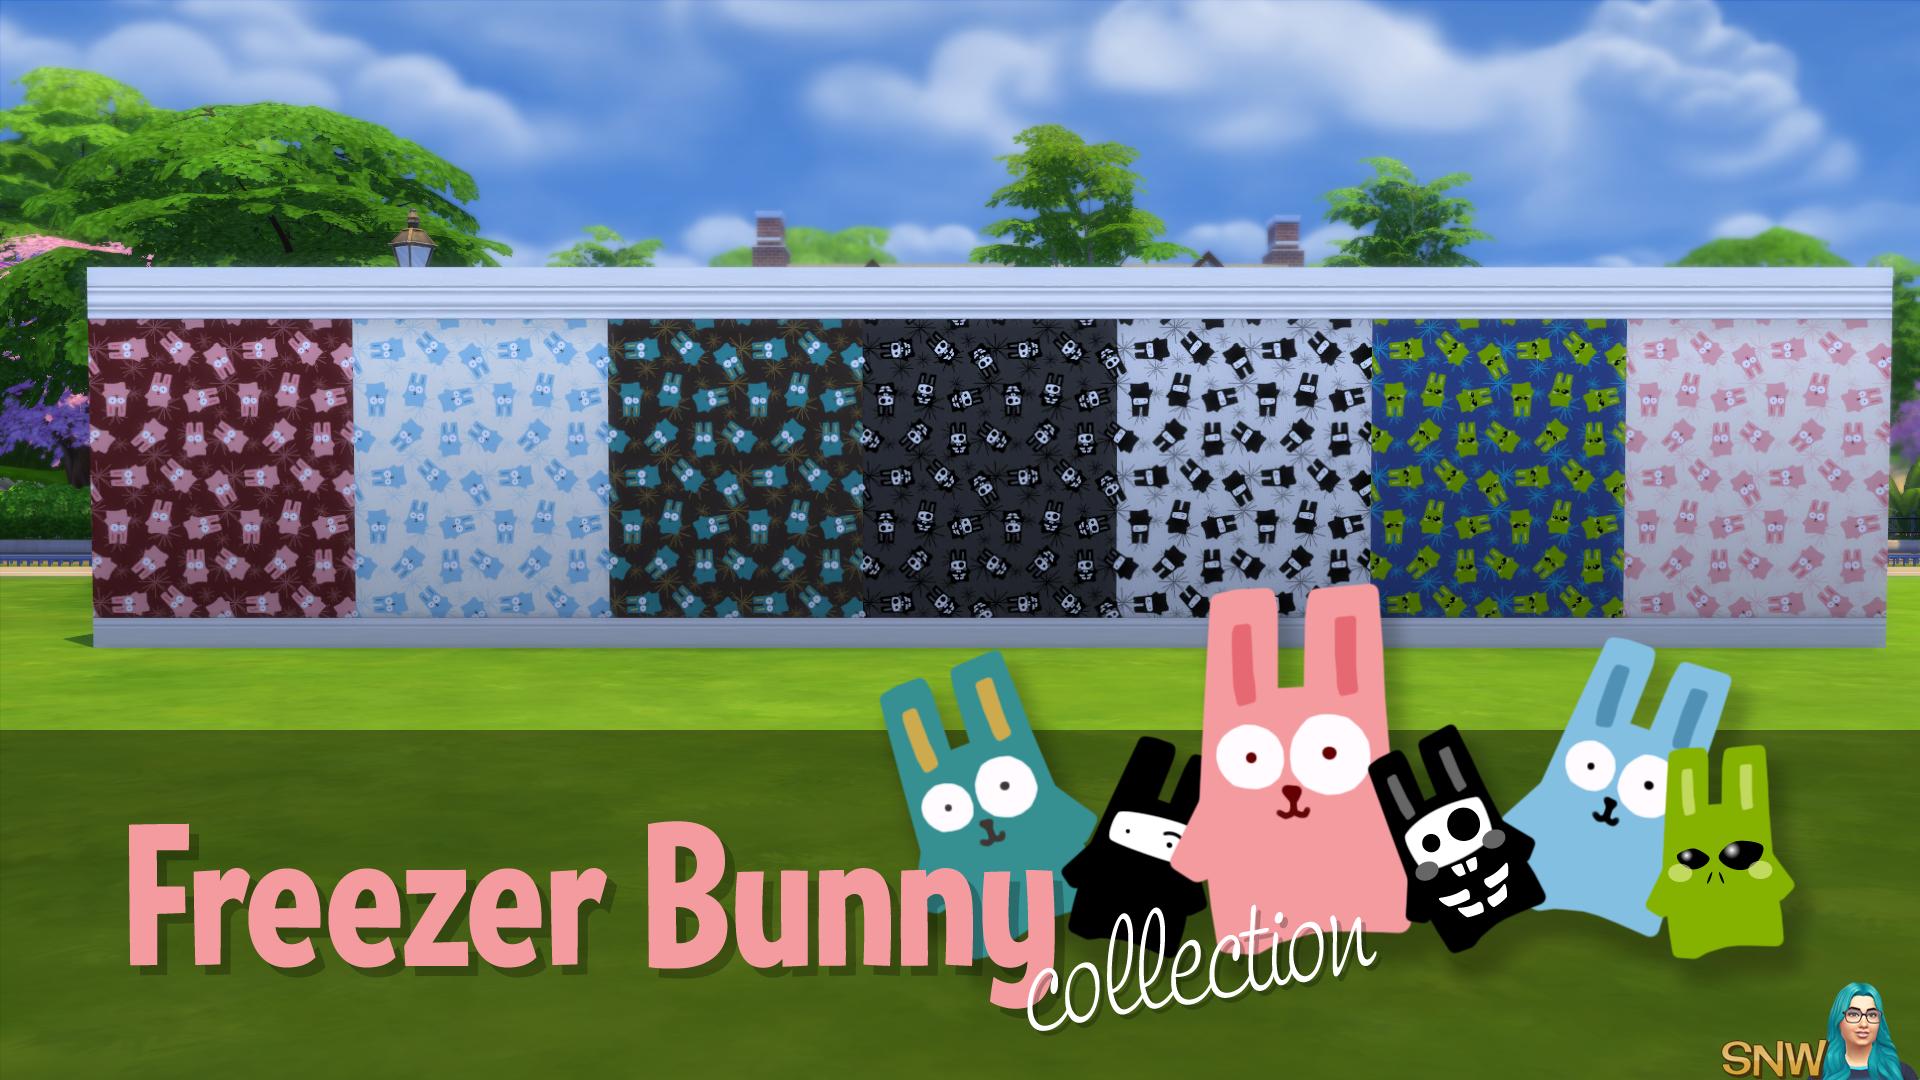 Freezer Bunny Collectie: Grote Bunnies/Starburst Behang